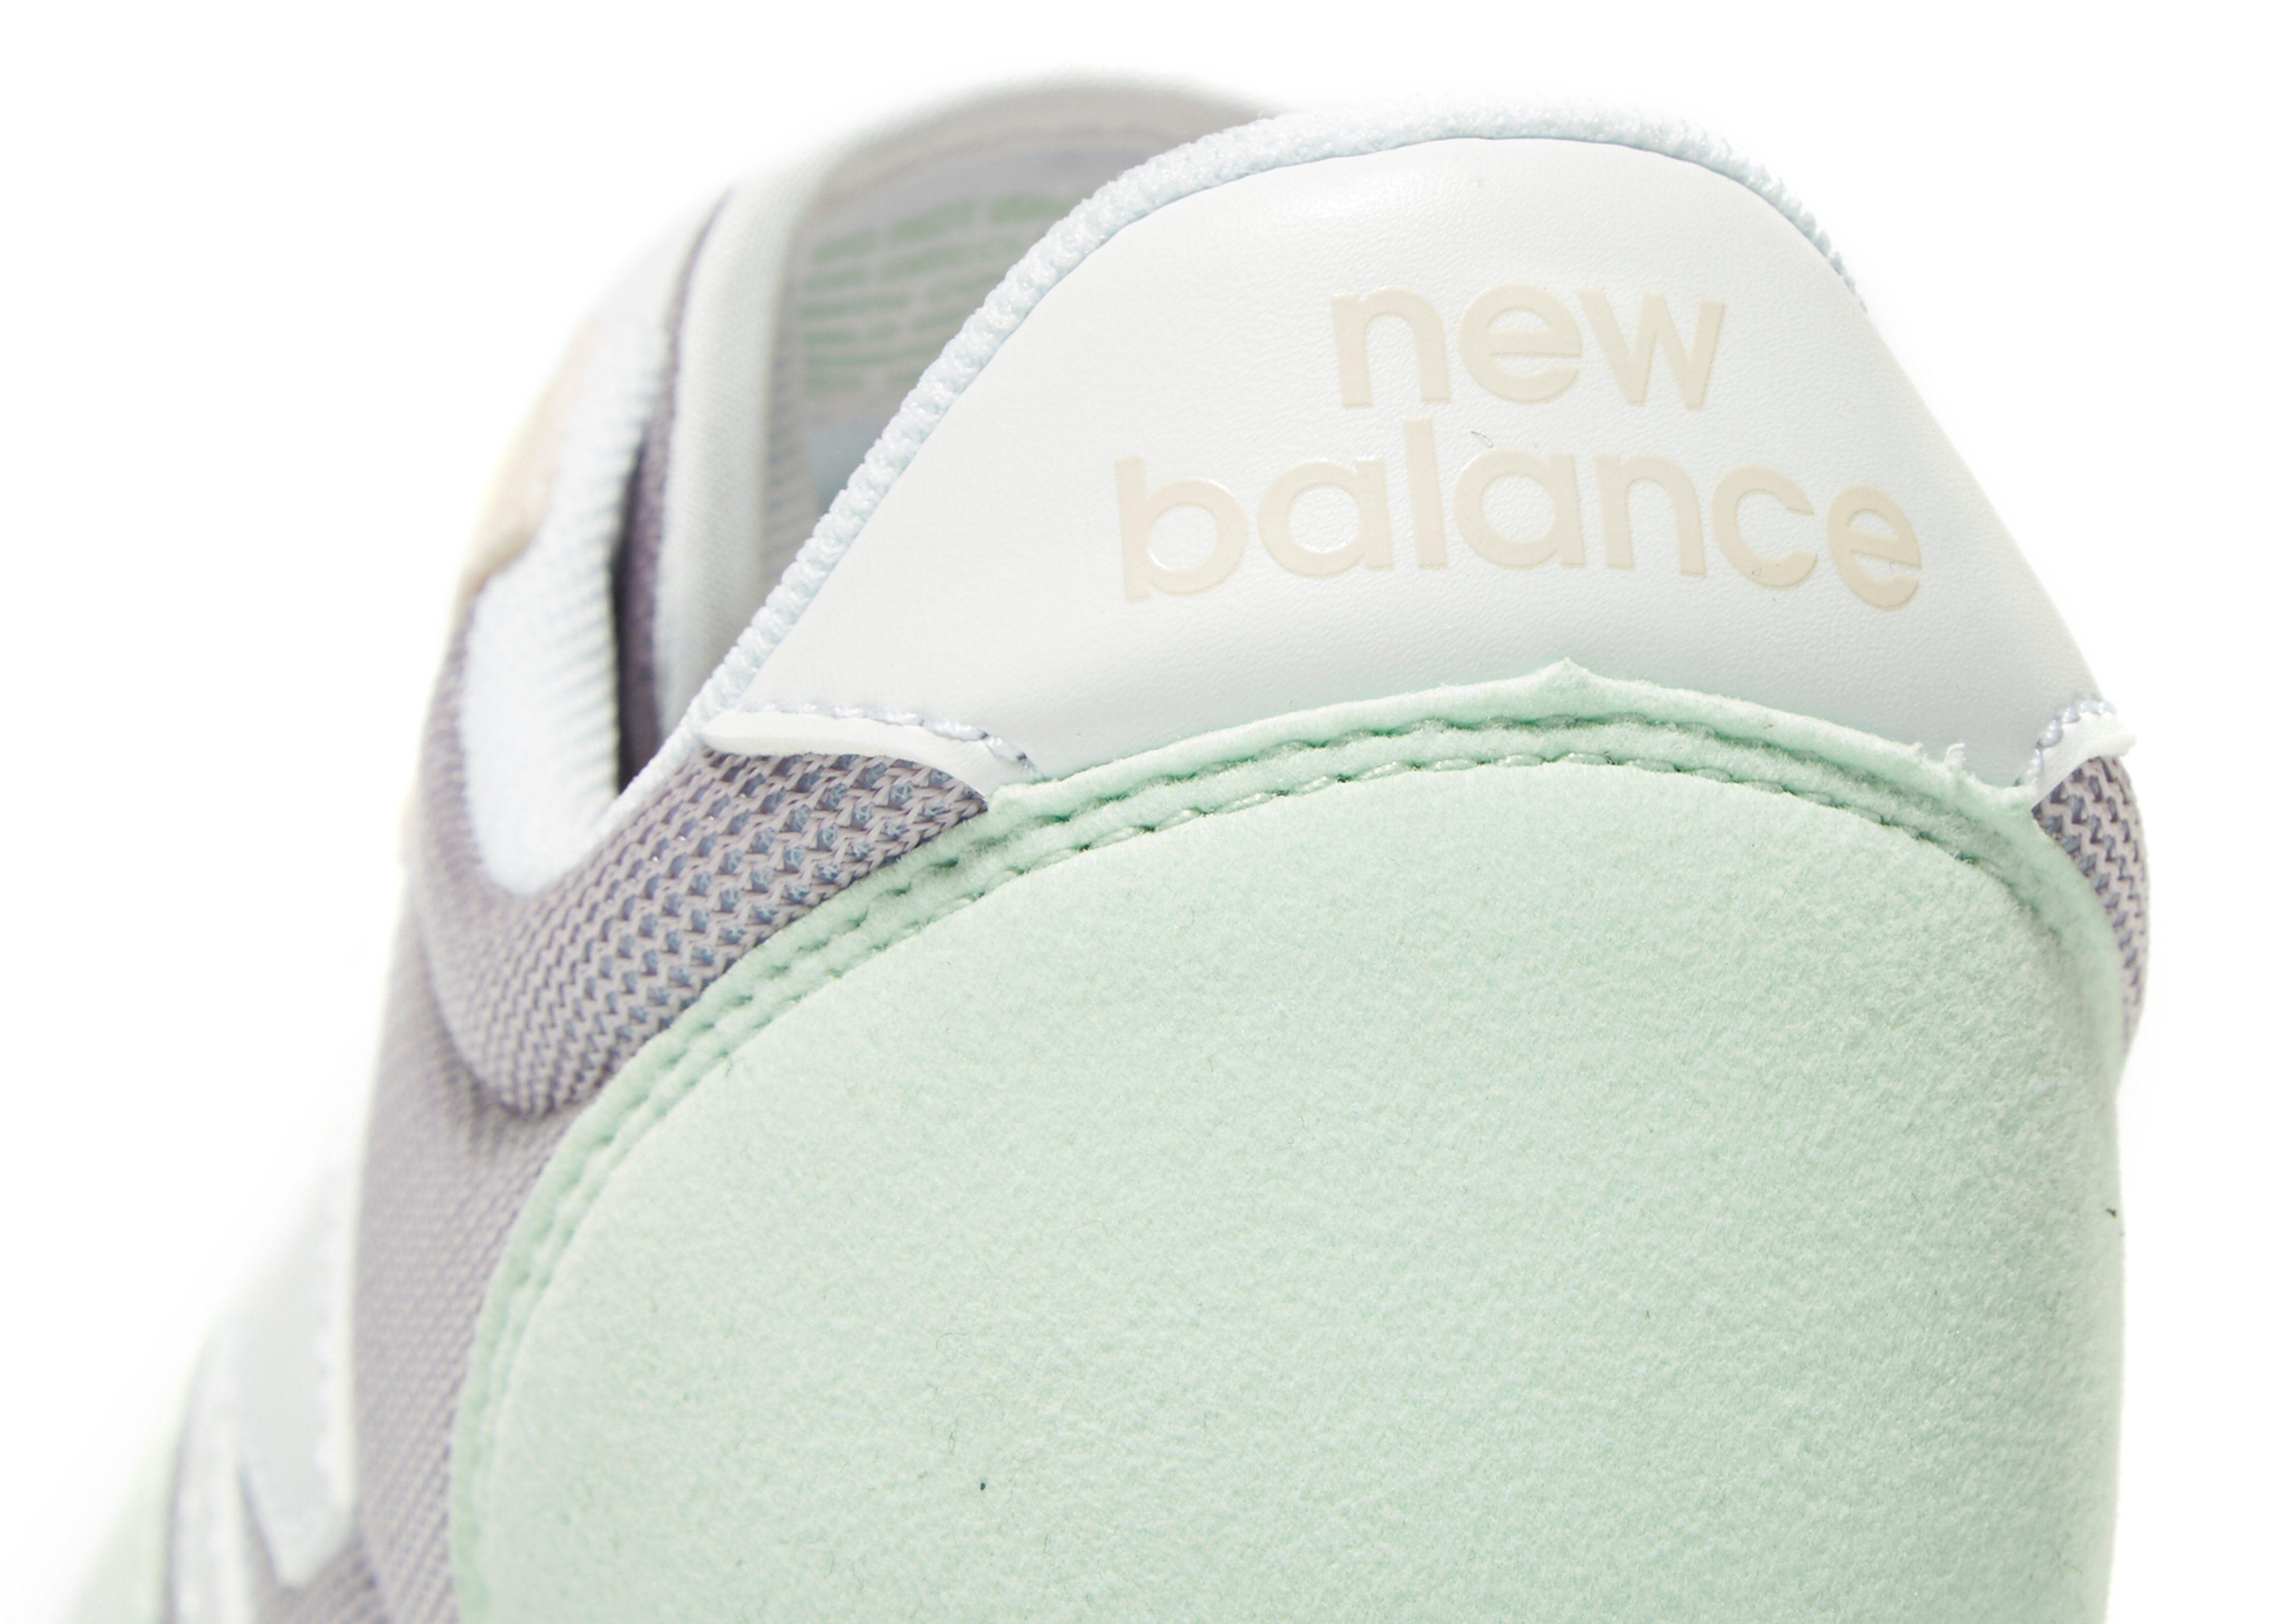 Outlet Besten Preise New Balance 220 Junior Lila Spielraum Visa Zahlung Rabatt Großer Verkauf Günstig Kauft Besten Platz Sonnenschein 5kDlW6tBcv